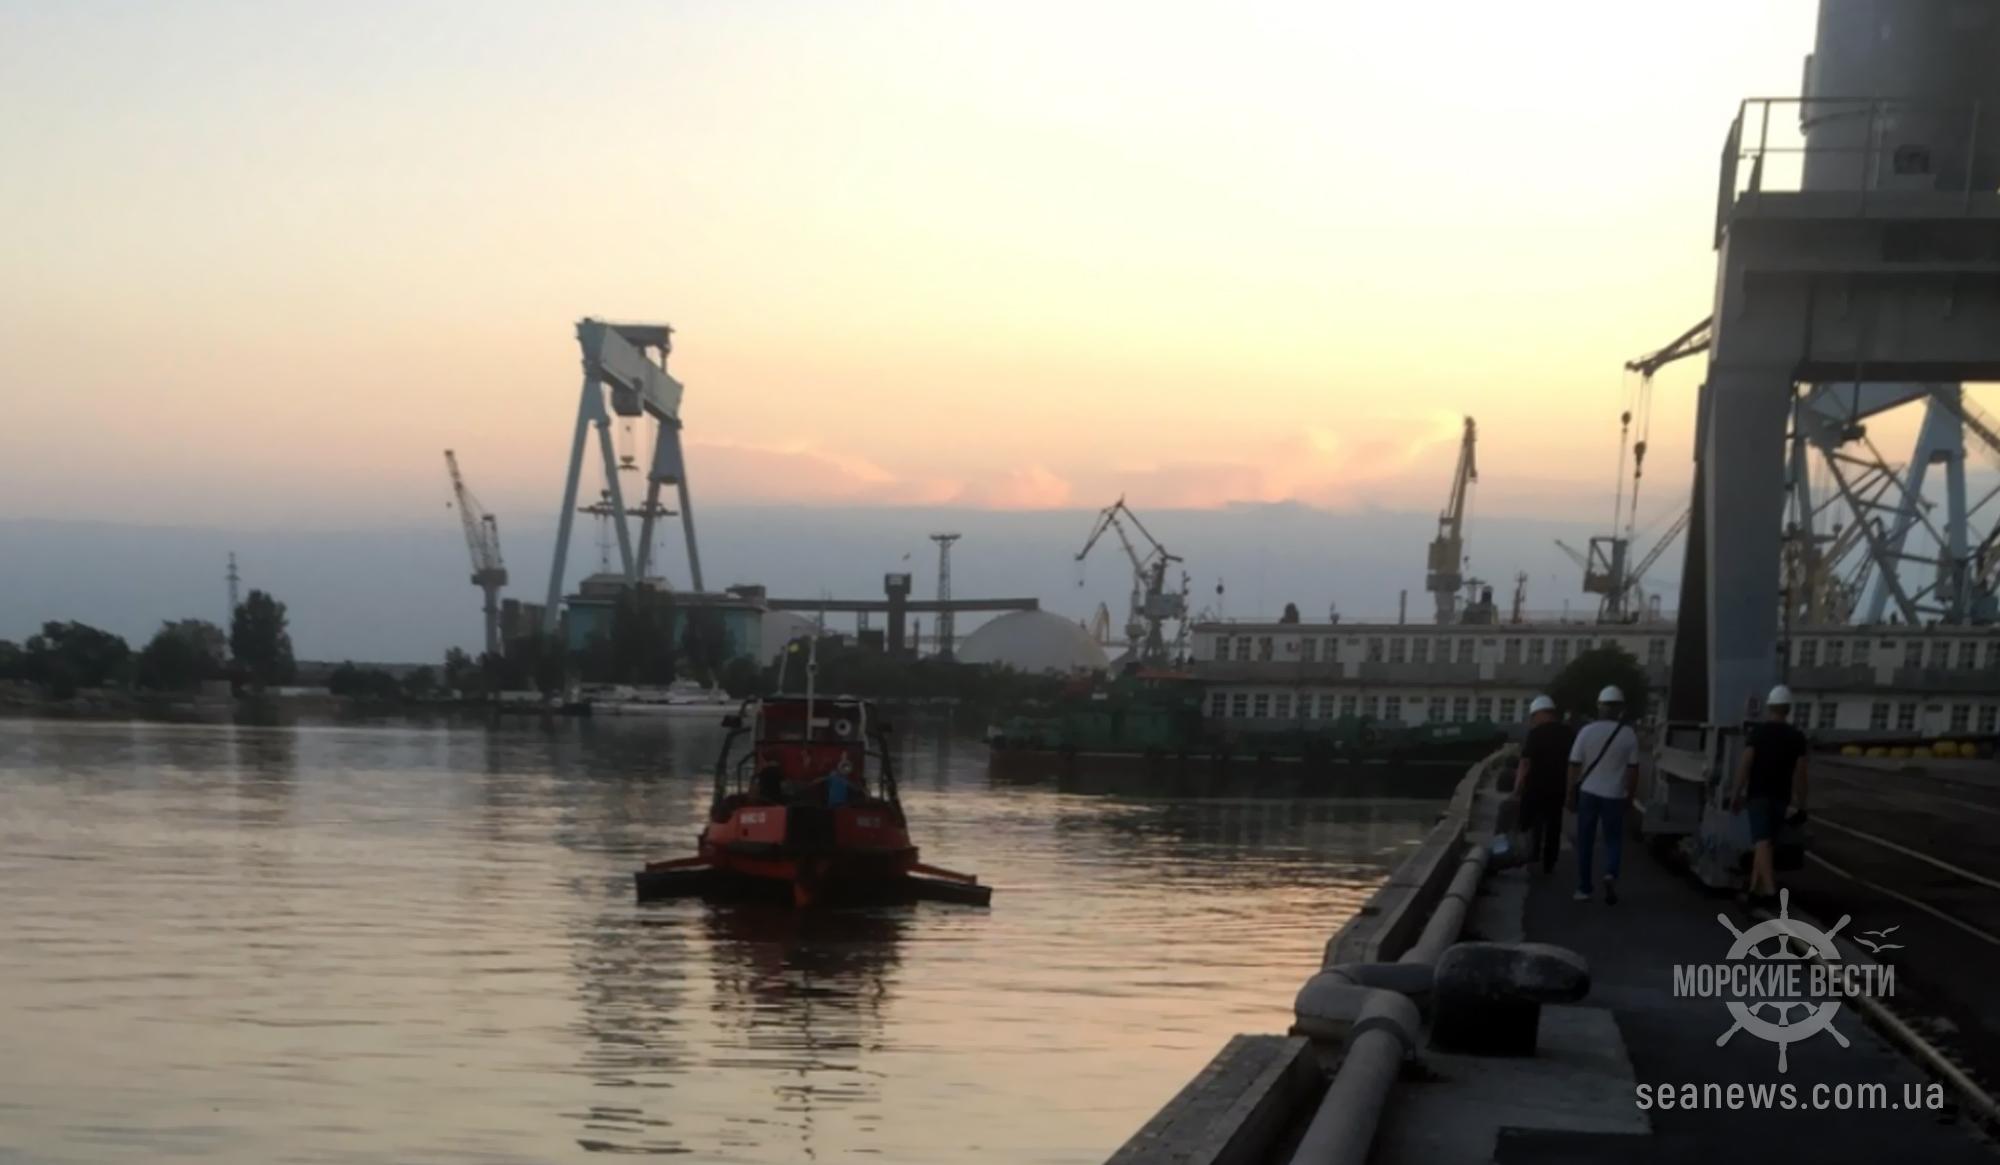 Возле Николаевского морского порта частный оператор разлил растительное масло